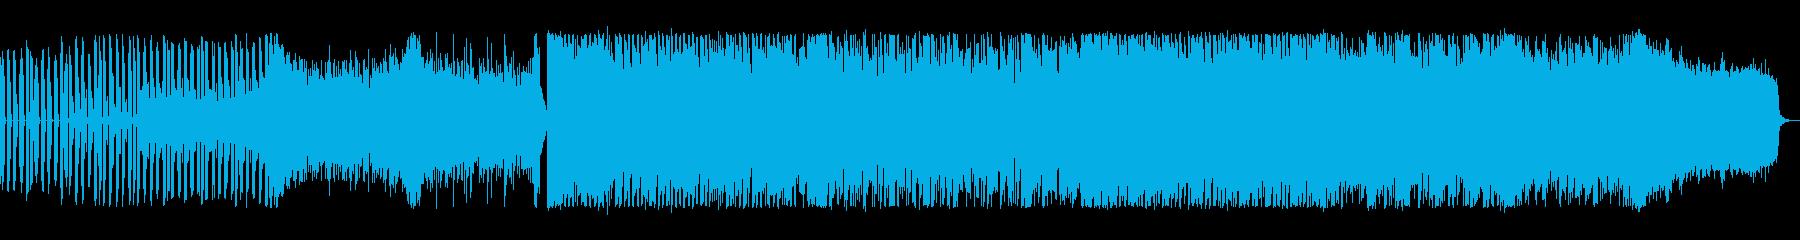 映像のオープニングに合う楽しいテクノの再生済みの波形